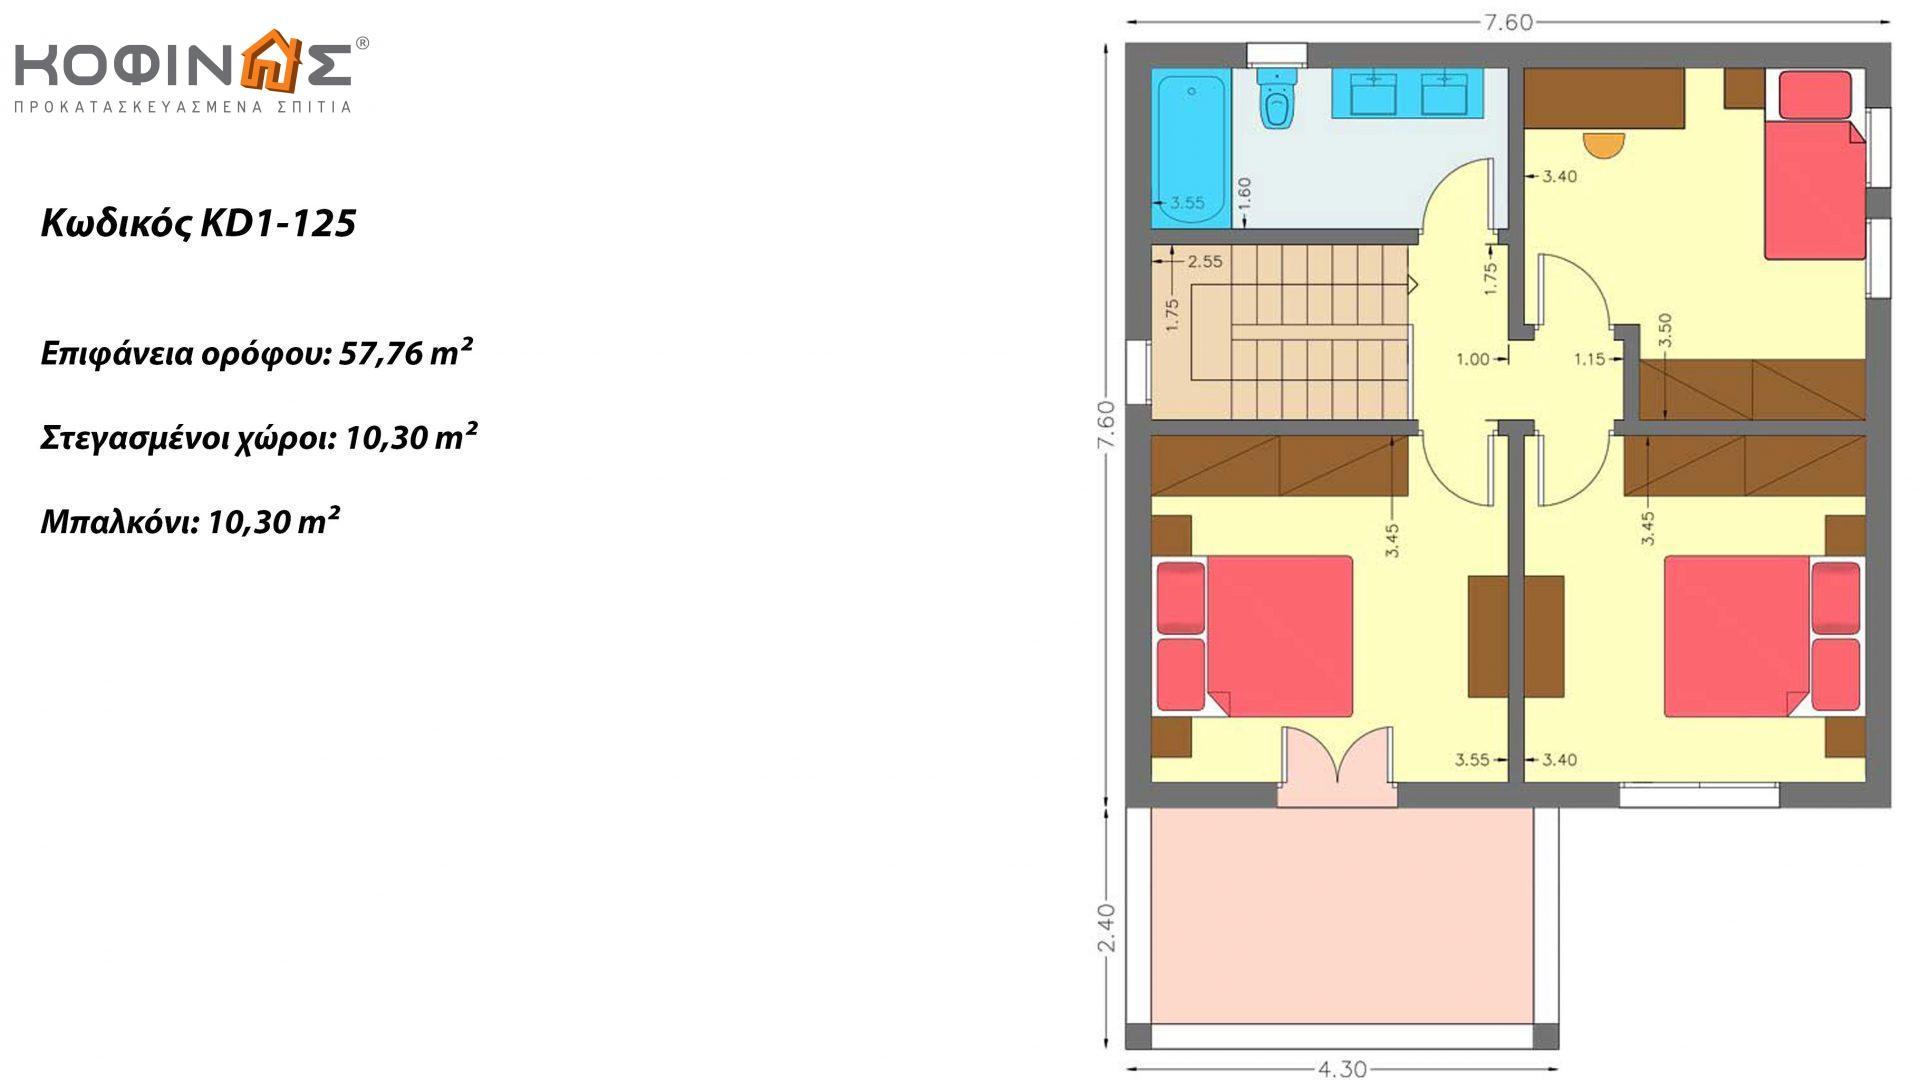 Διώροφη Κατοικία KD1-125, συνολικής επιφάνειας 125,84 τ.μ. , συνολική επιφάνεια στεγασμένων χώρων 14.37 τ.μ., μπαλκόνια 25.75 τ.μ.